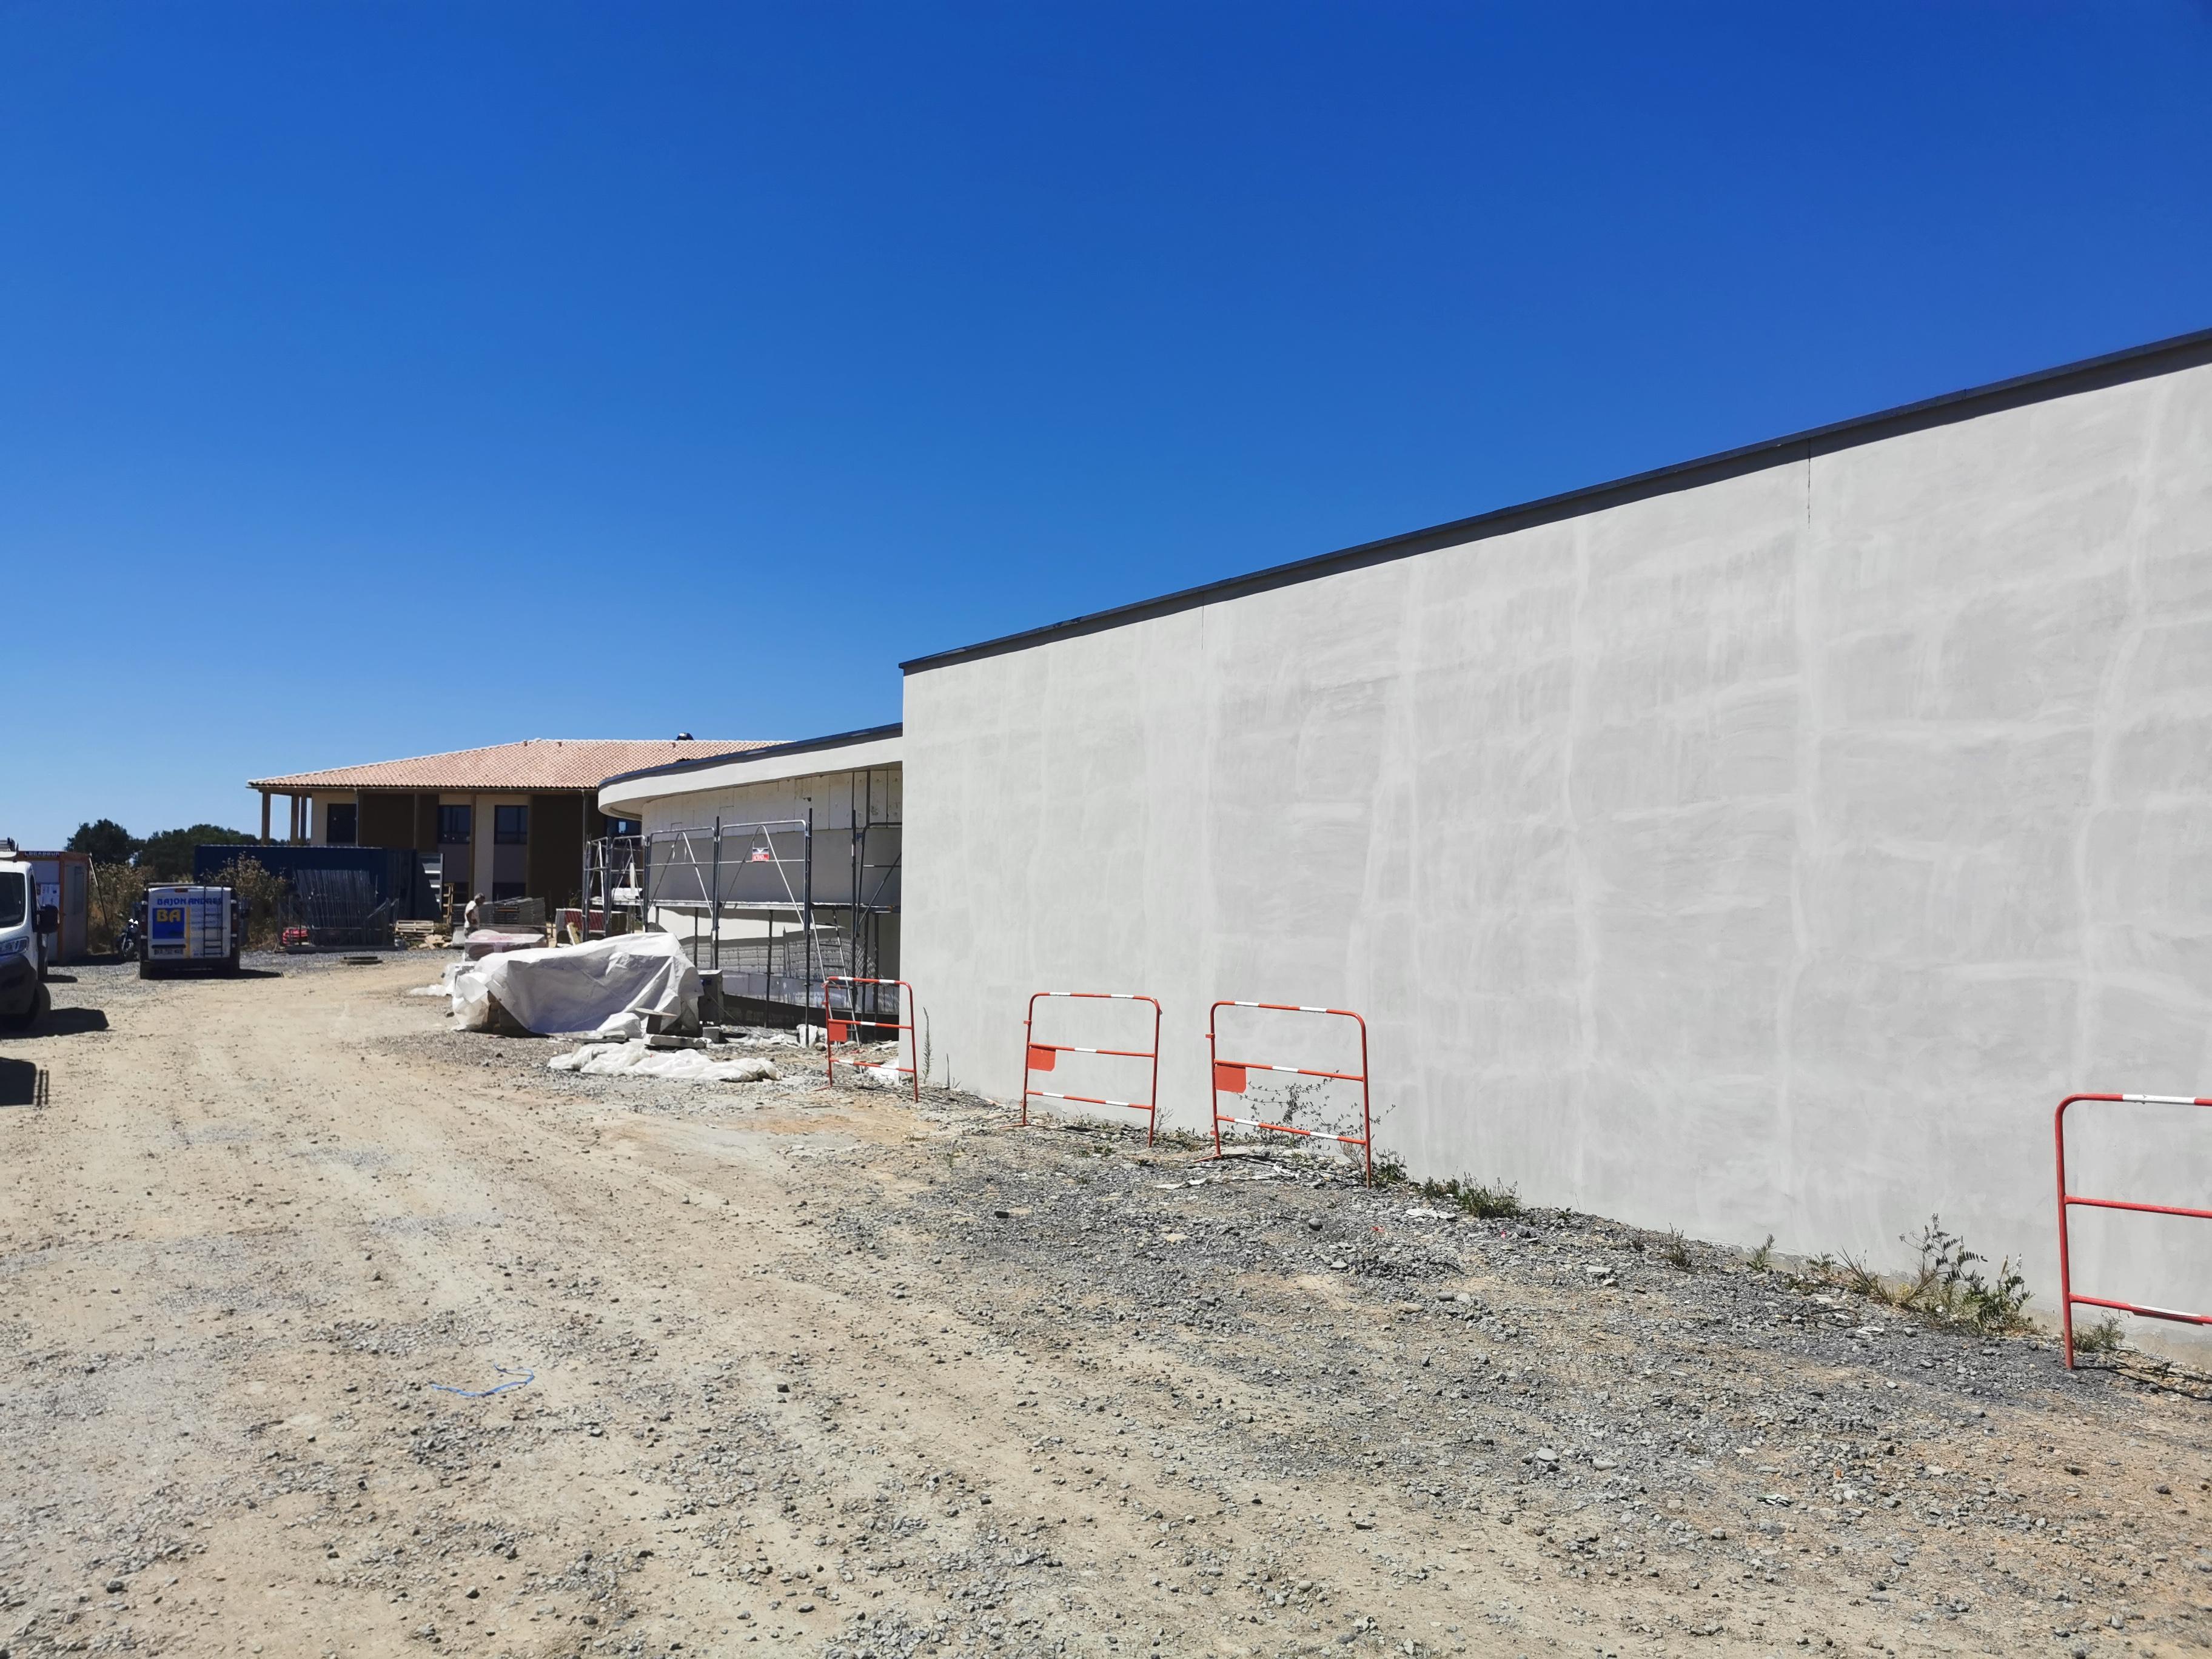 Acoba Assistance maîtrise d'ouvrage : Les travaux du nouvel EHPAD de Castelnau-Rivière-Basse touchent à leur fin - 3